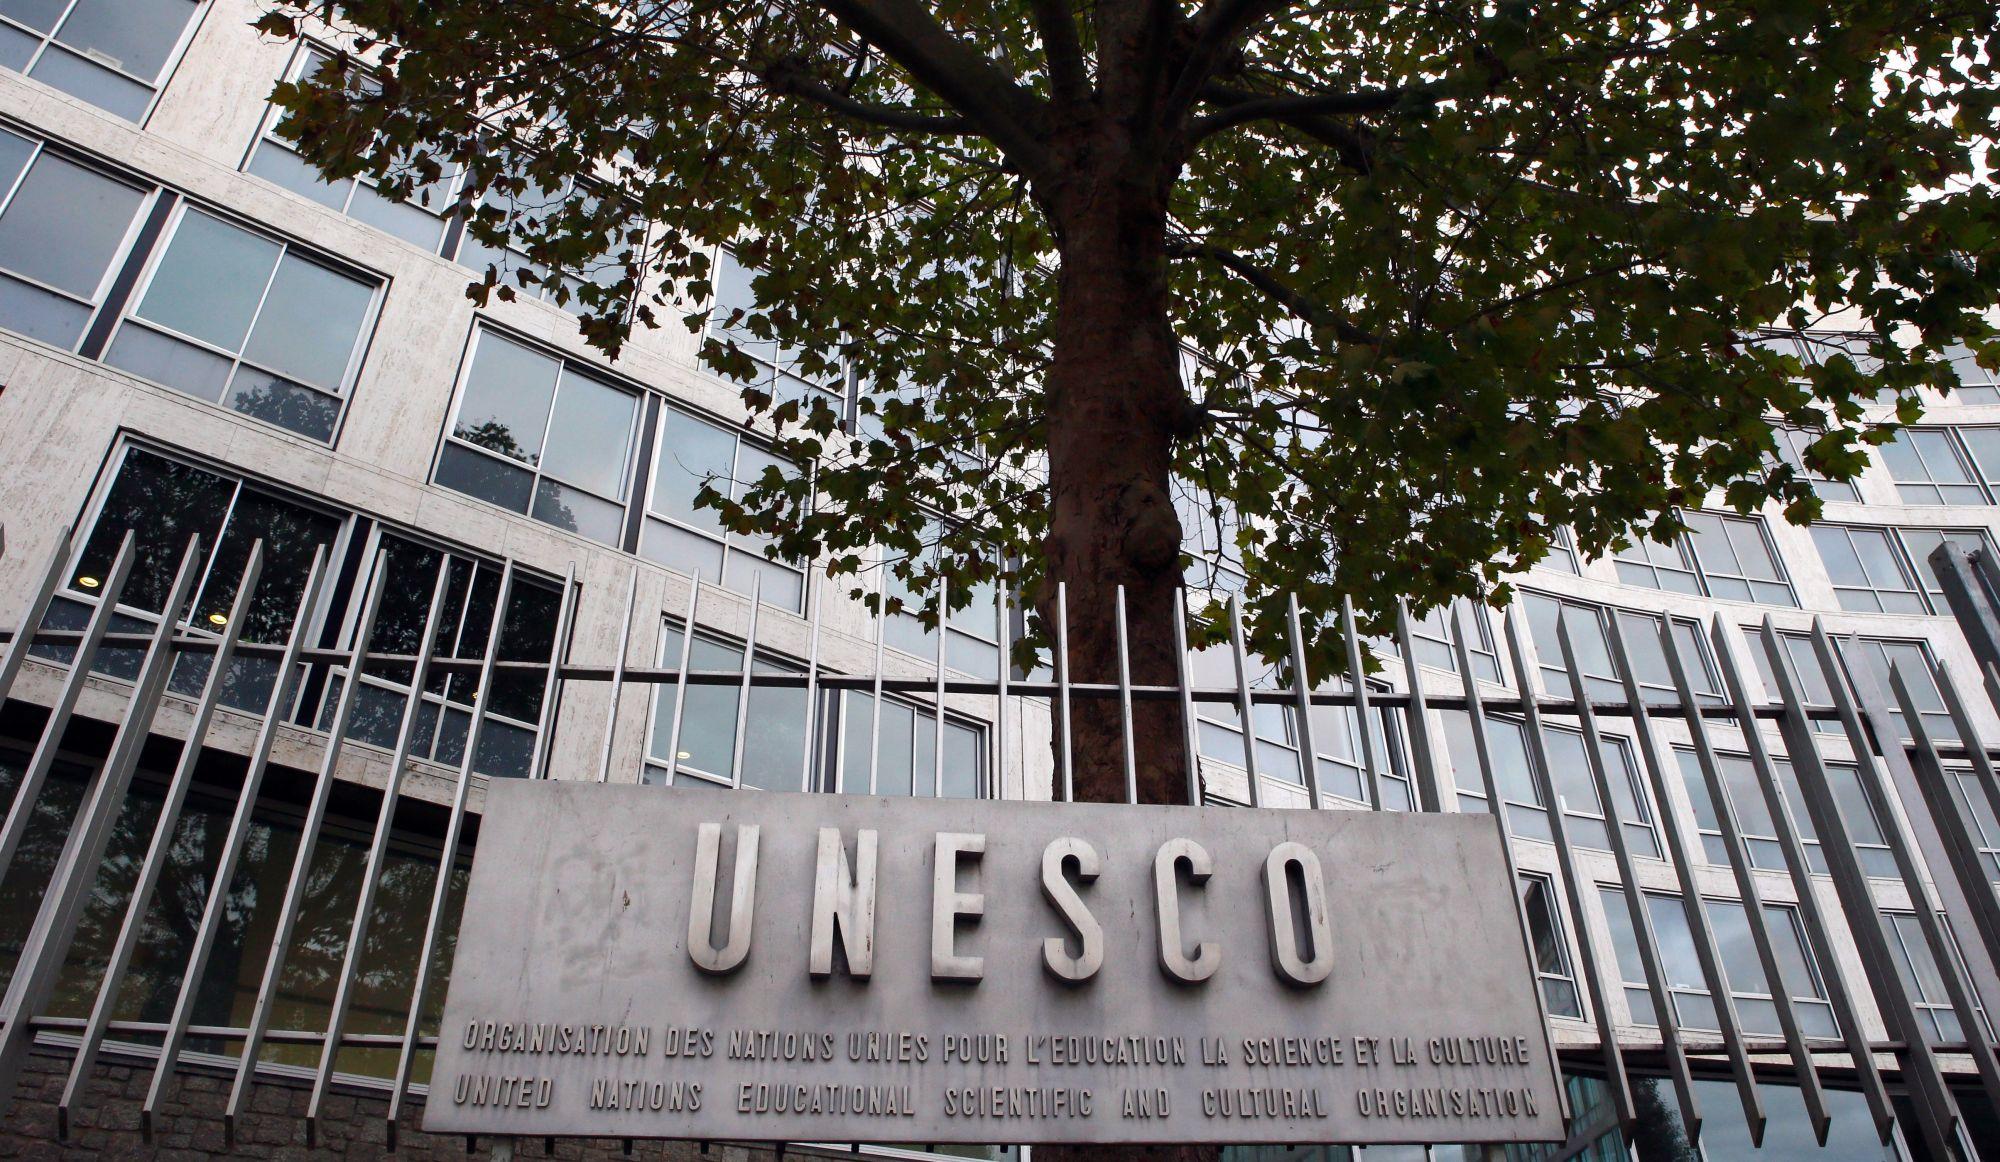 Les États-Unis se retirent de l'UNESCO